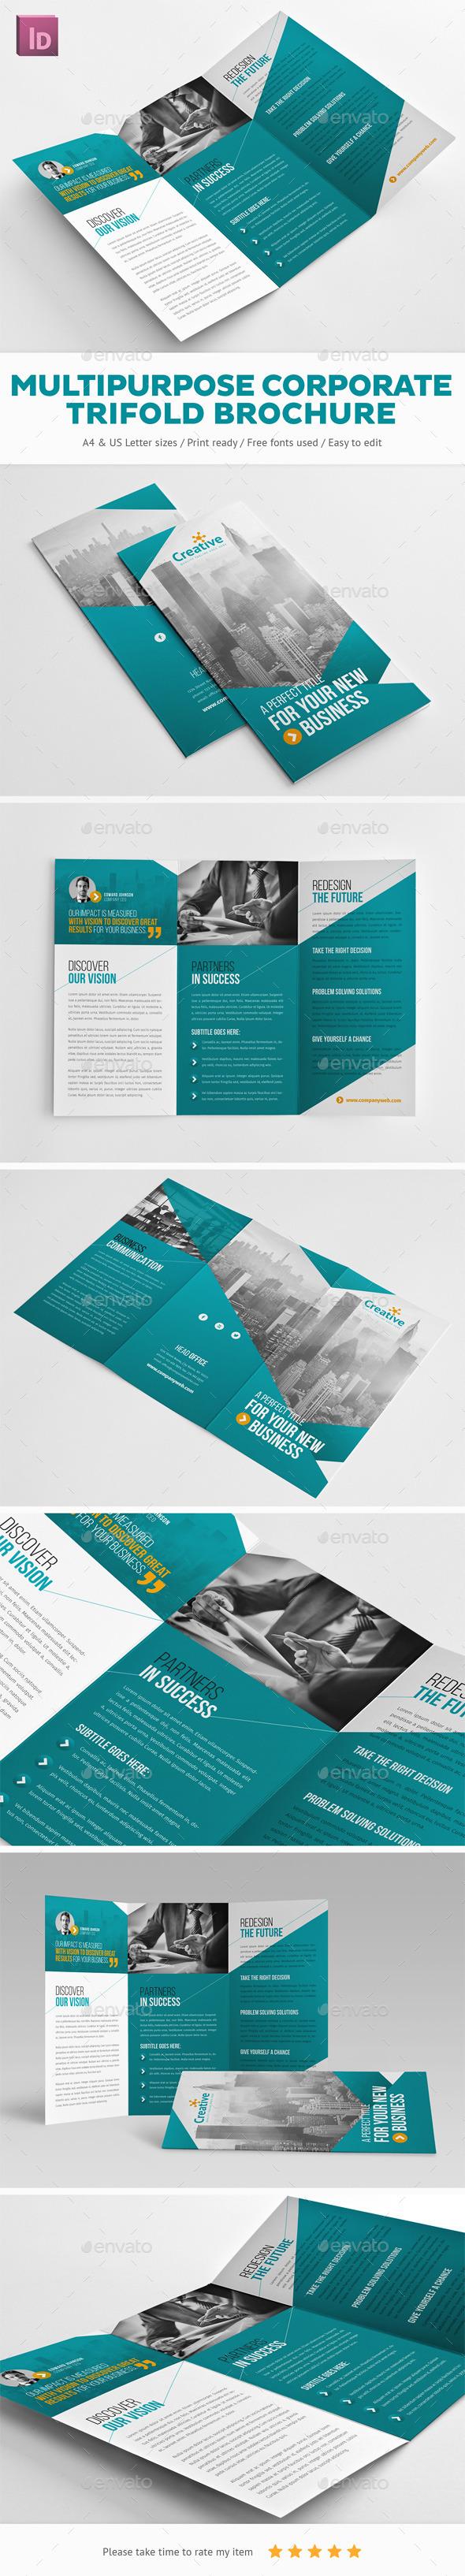 Multipurpose Corporate Trifold Brochure - Corporate Brochures